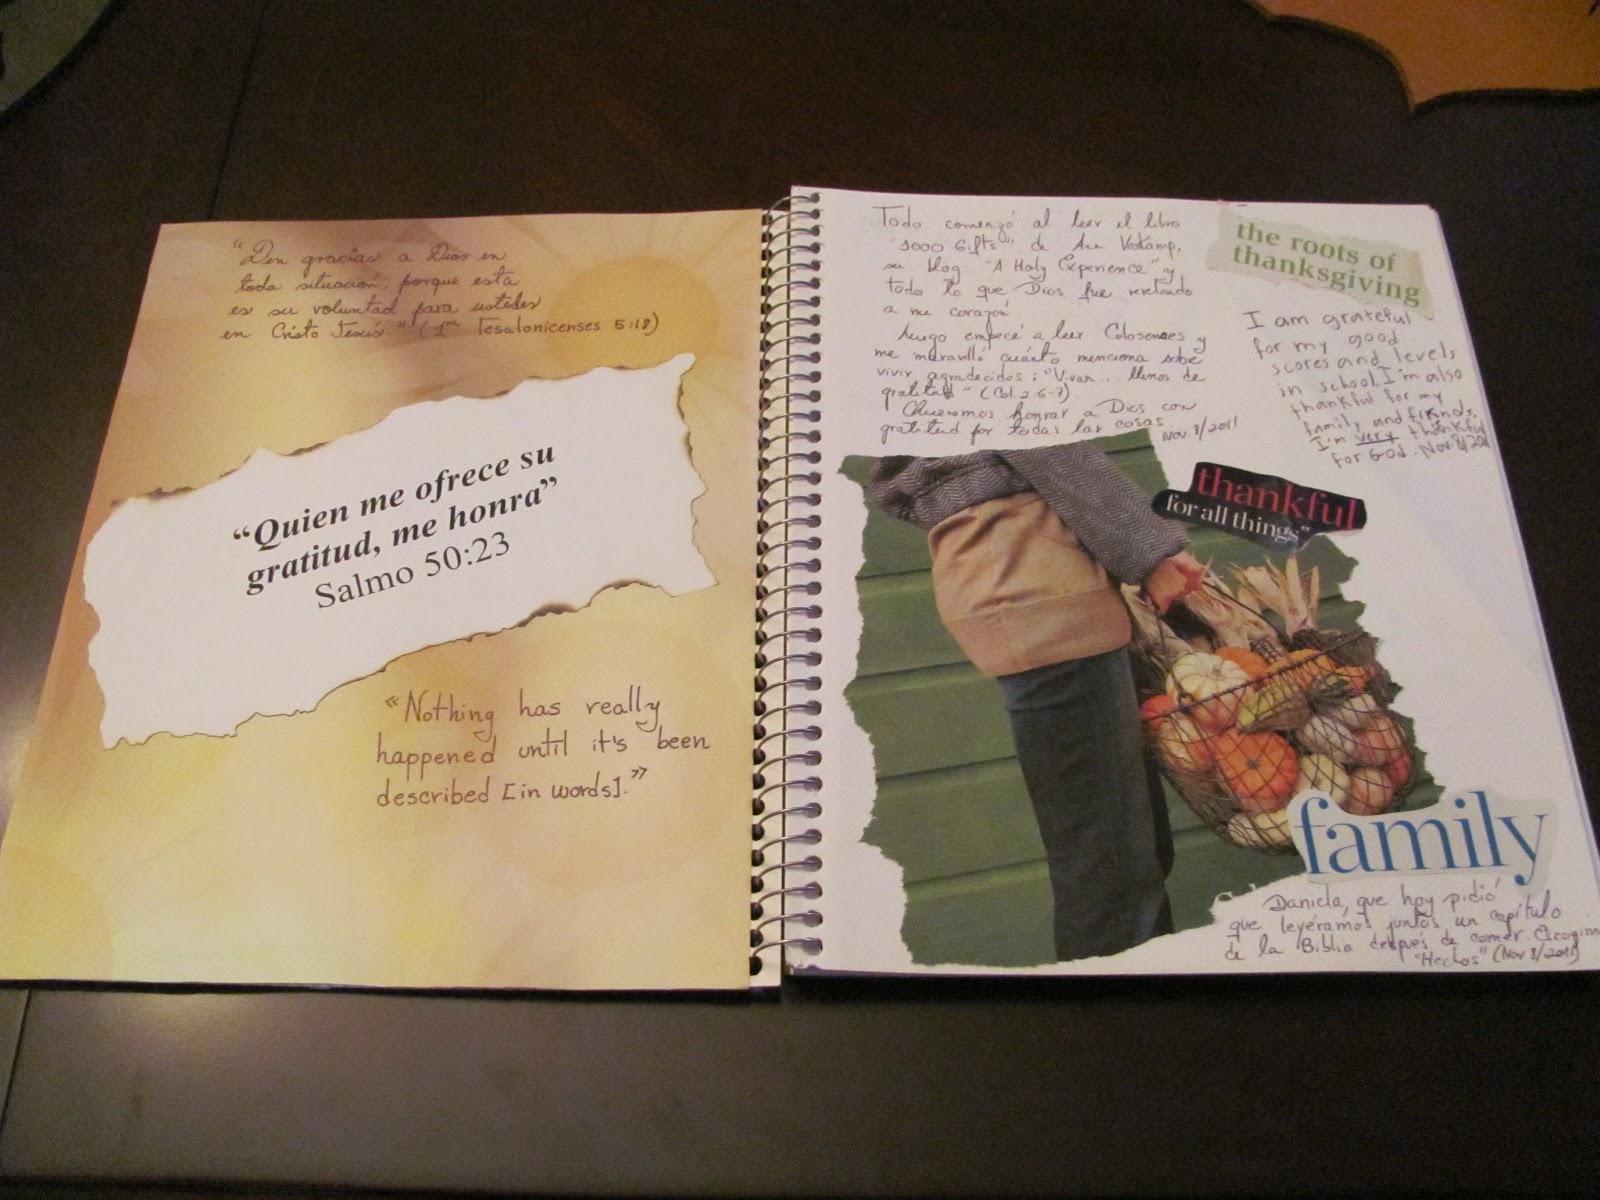 El diario de gratitud